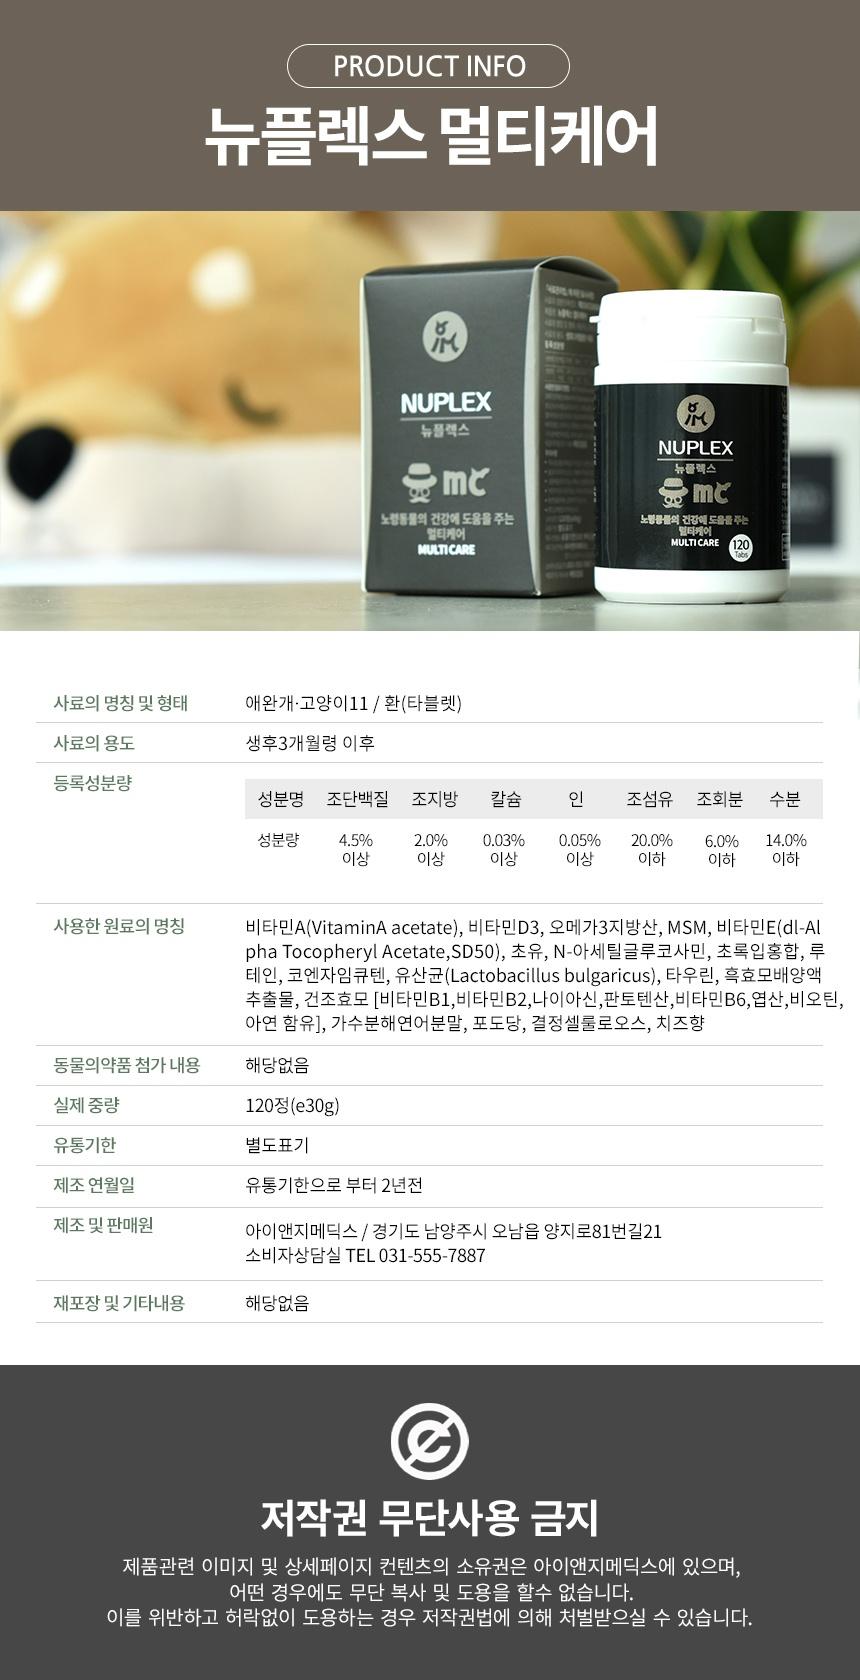 뉴플렉스 심장/관절/눈/간/종합/스트레스 케어 (120정)-상품이미지-11